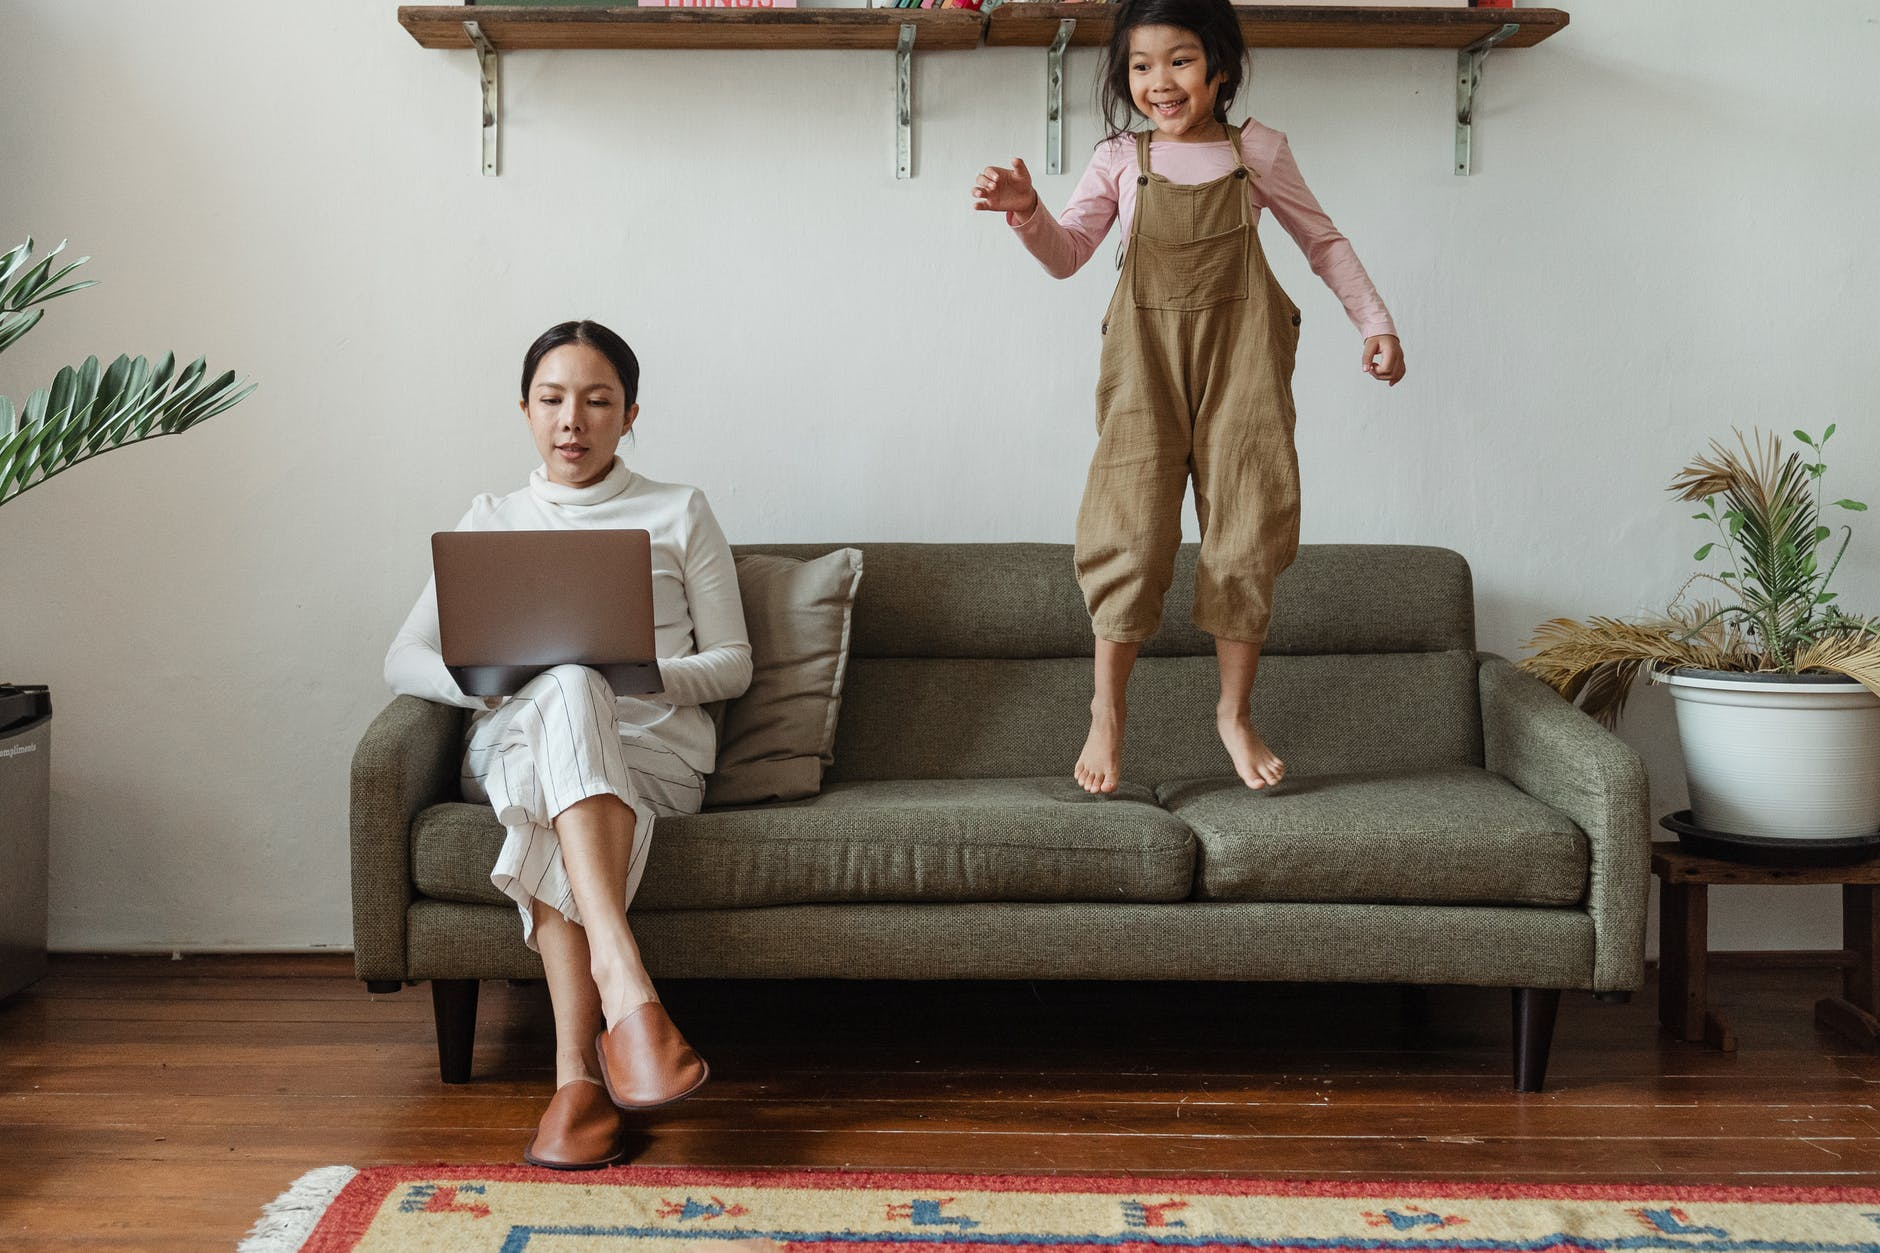 como começar um negócio online trabalhando em casa